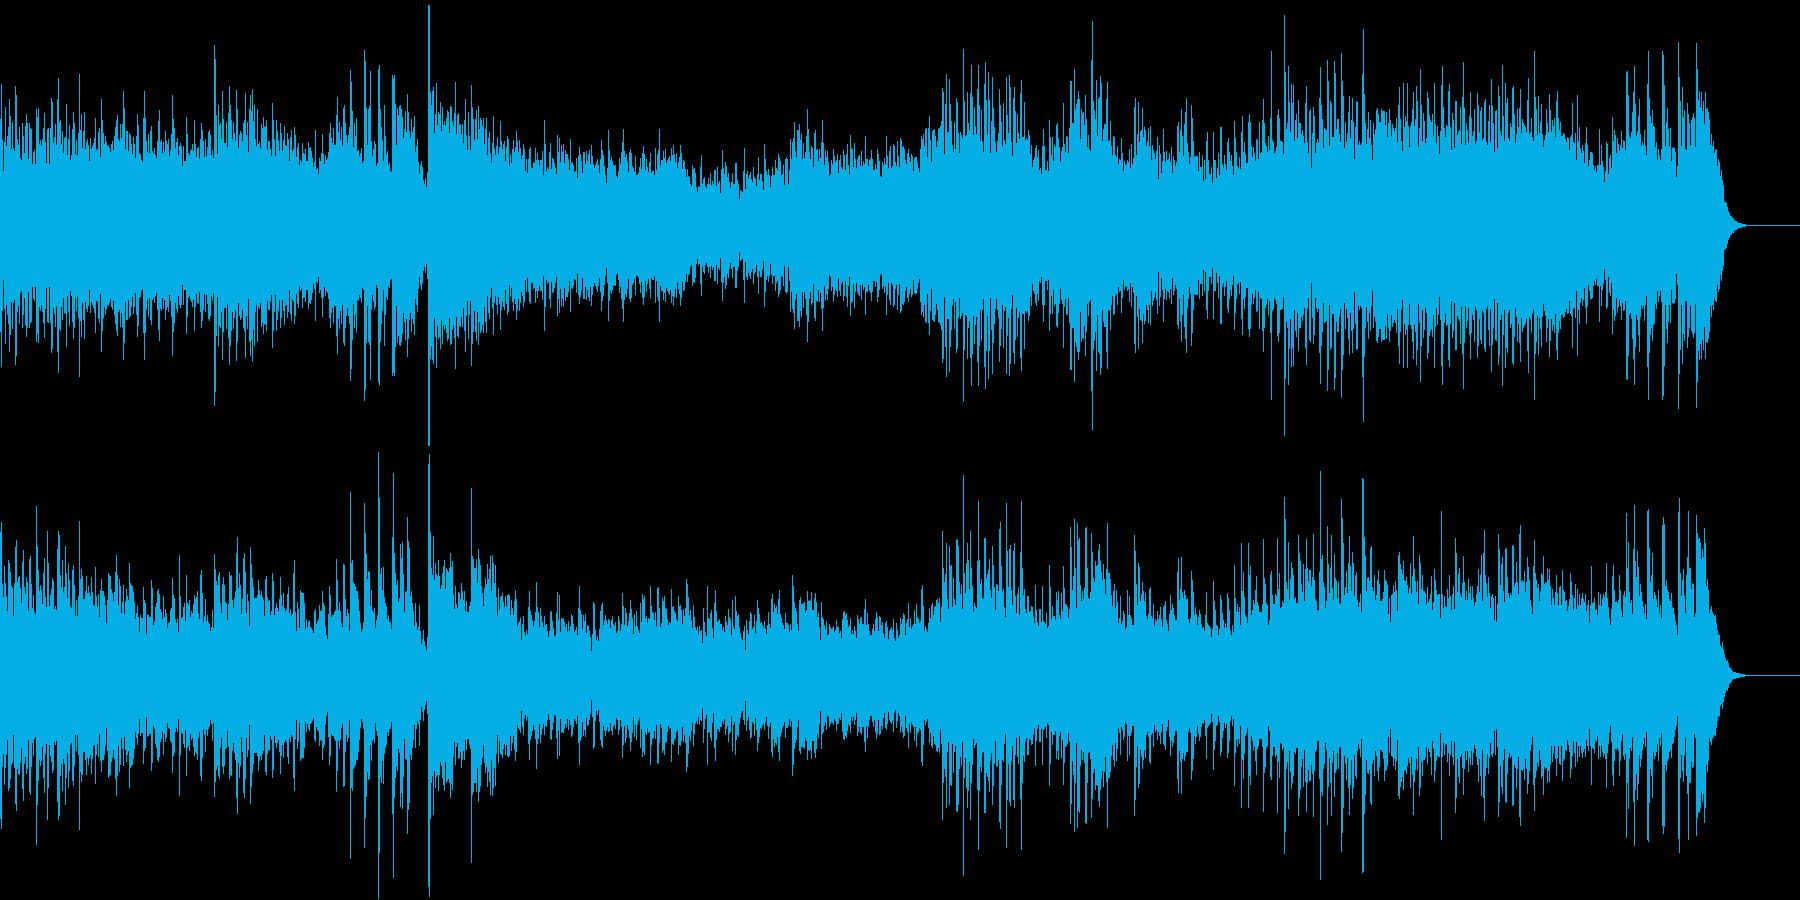 高貴で感傷的なワルツより第一楽章の再生済みの波形